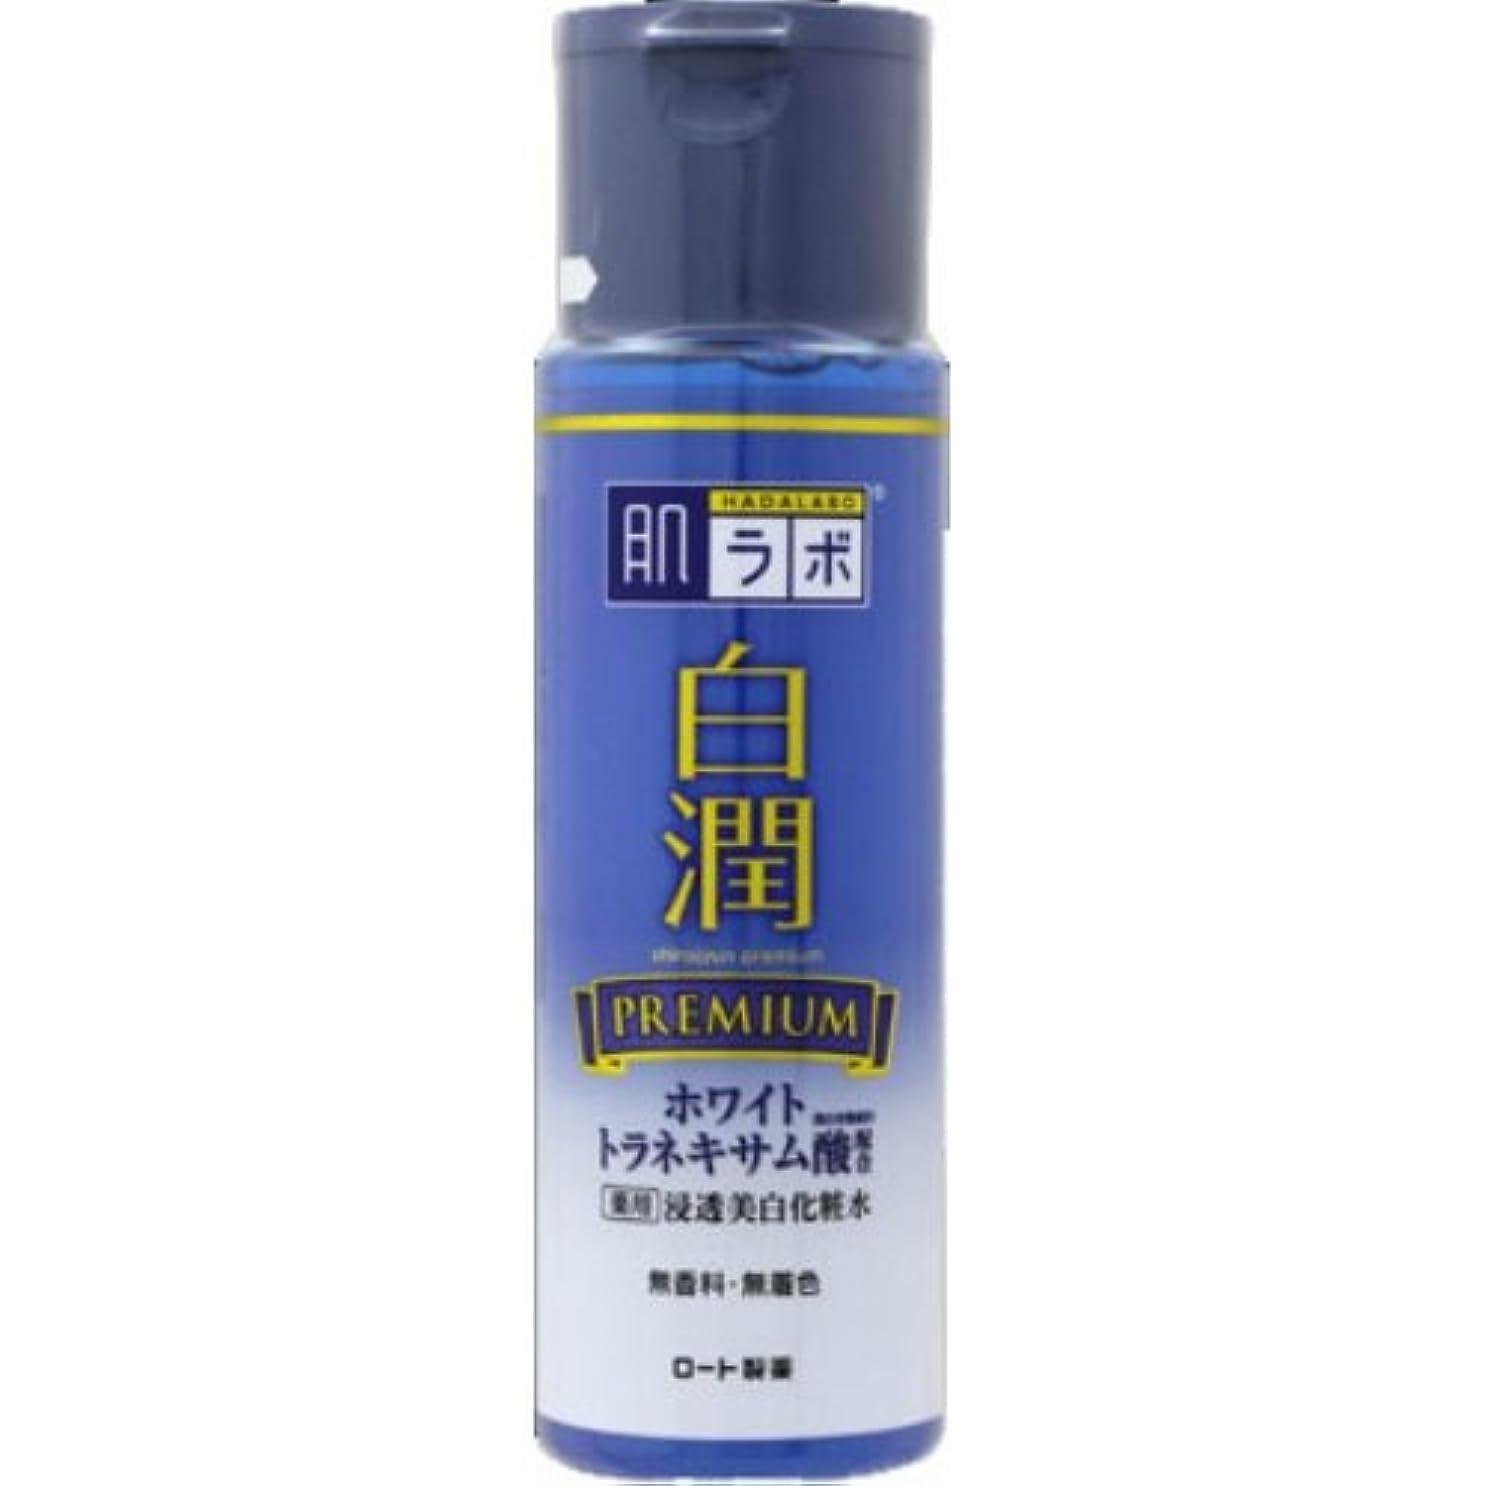 アイスクリームぞっとするような対応する肌ラボ 白潤プレミアム 薬用浸透美白化粧水 170mL × 5個セット